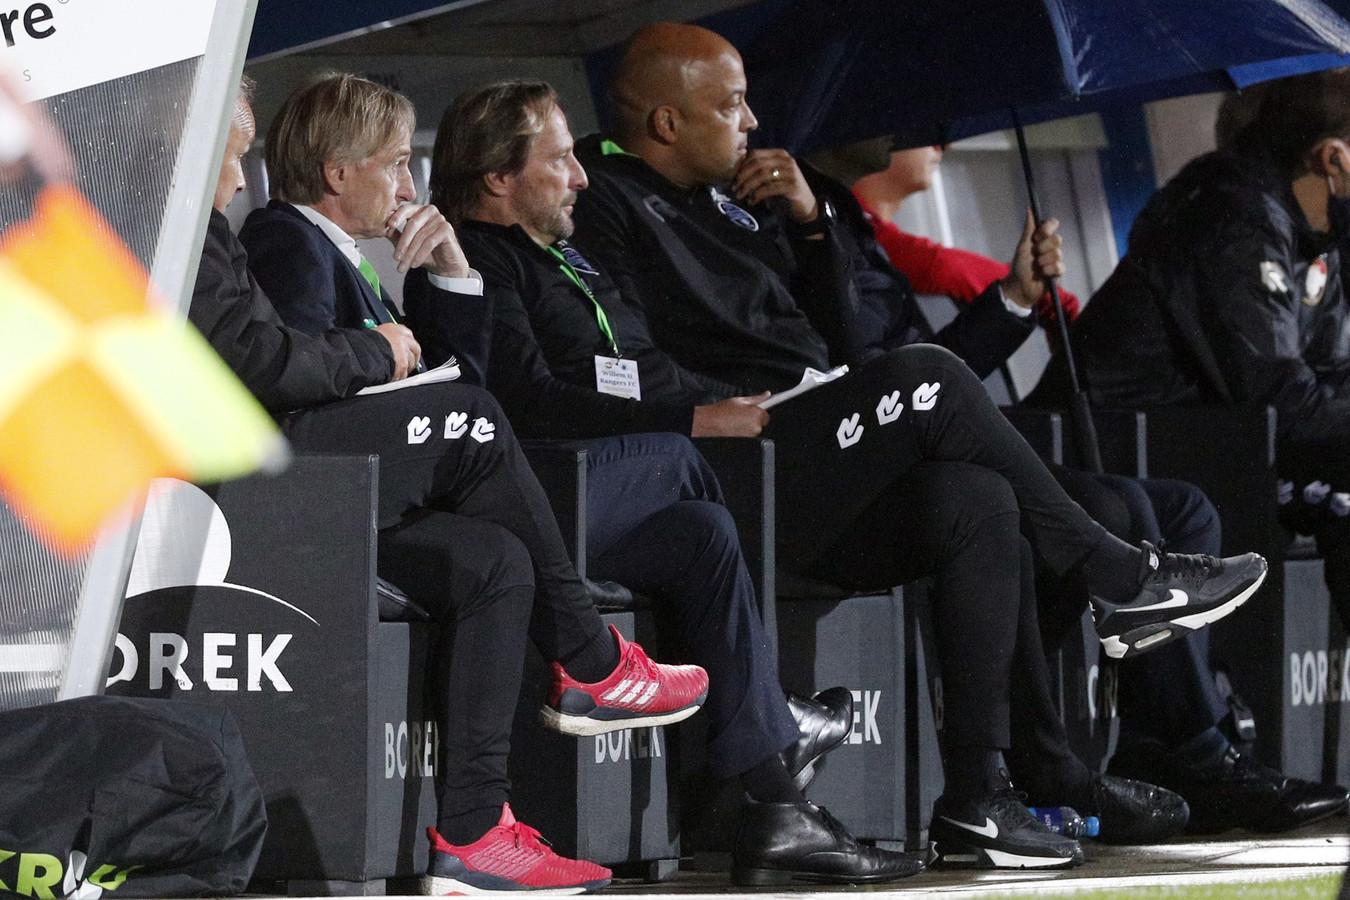 Adrie Koster (voorgrond) en zijn staf tijdens Willem II - Rangers FC.